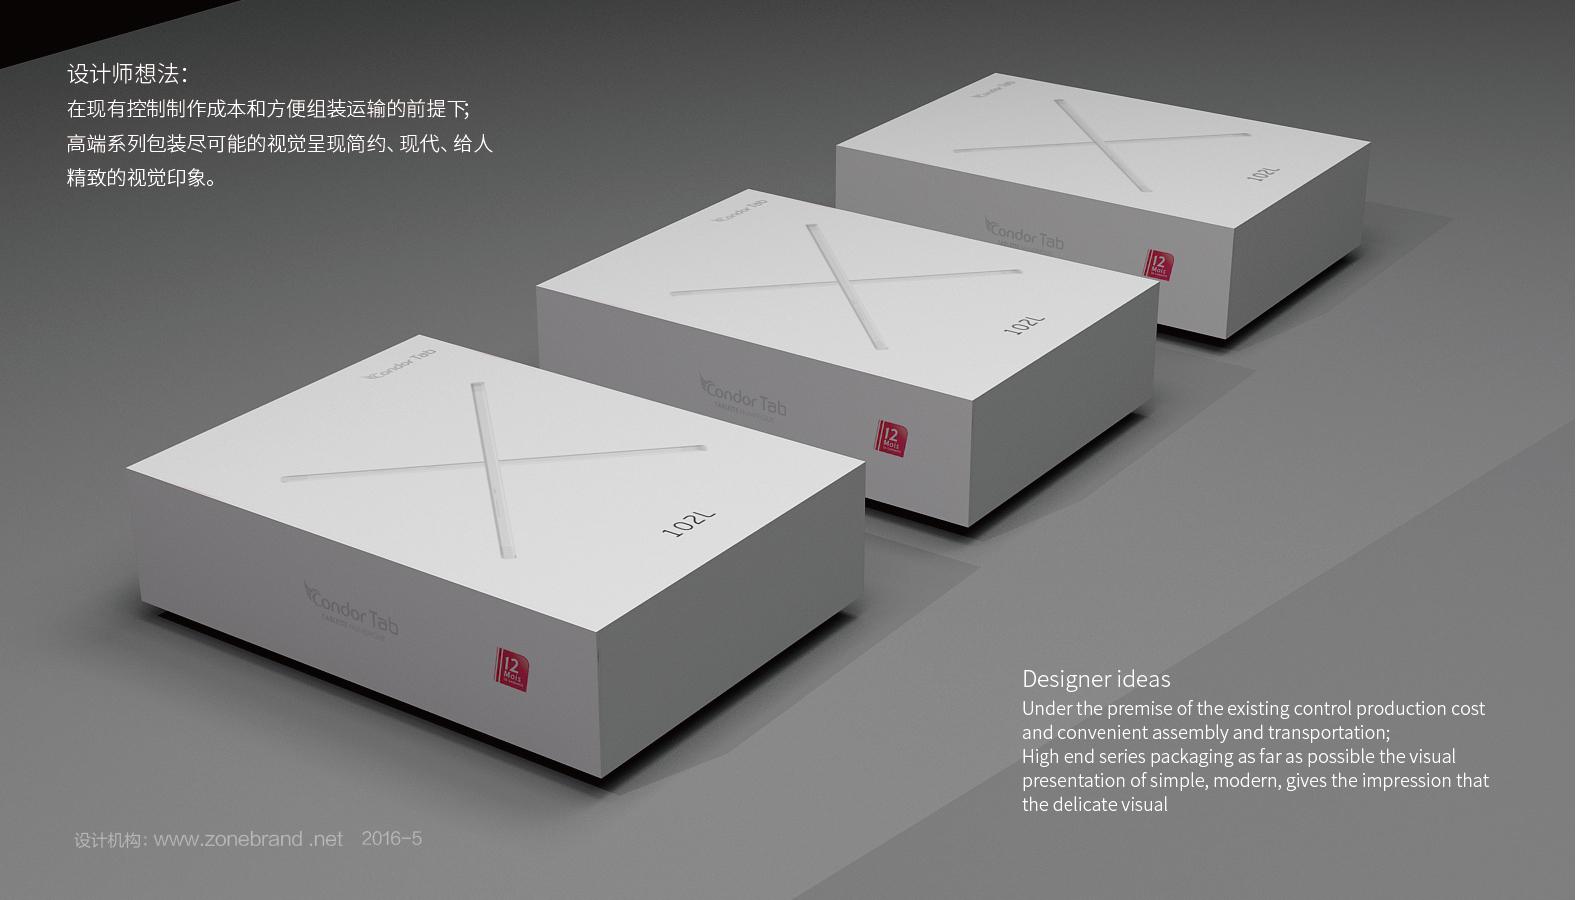 深圳手机平板产品包装设计;深圳数码科技产品包装设计图片